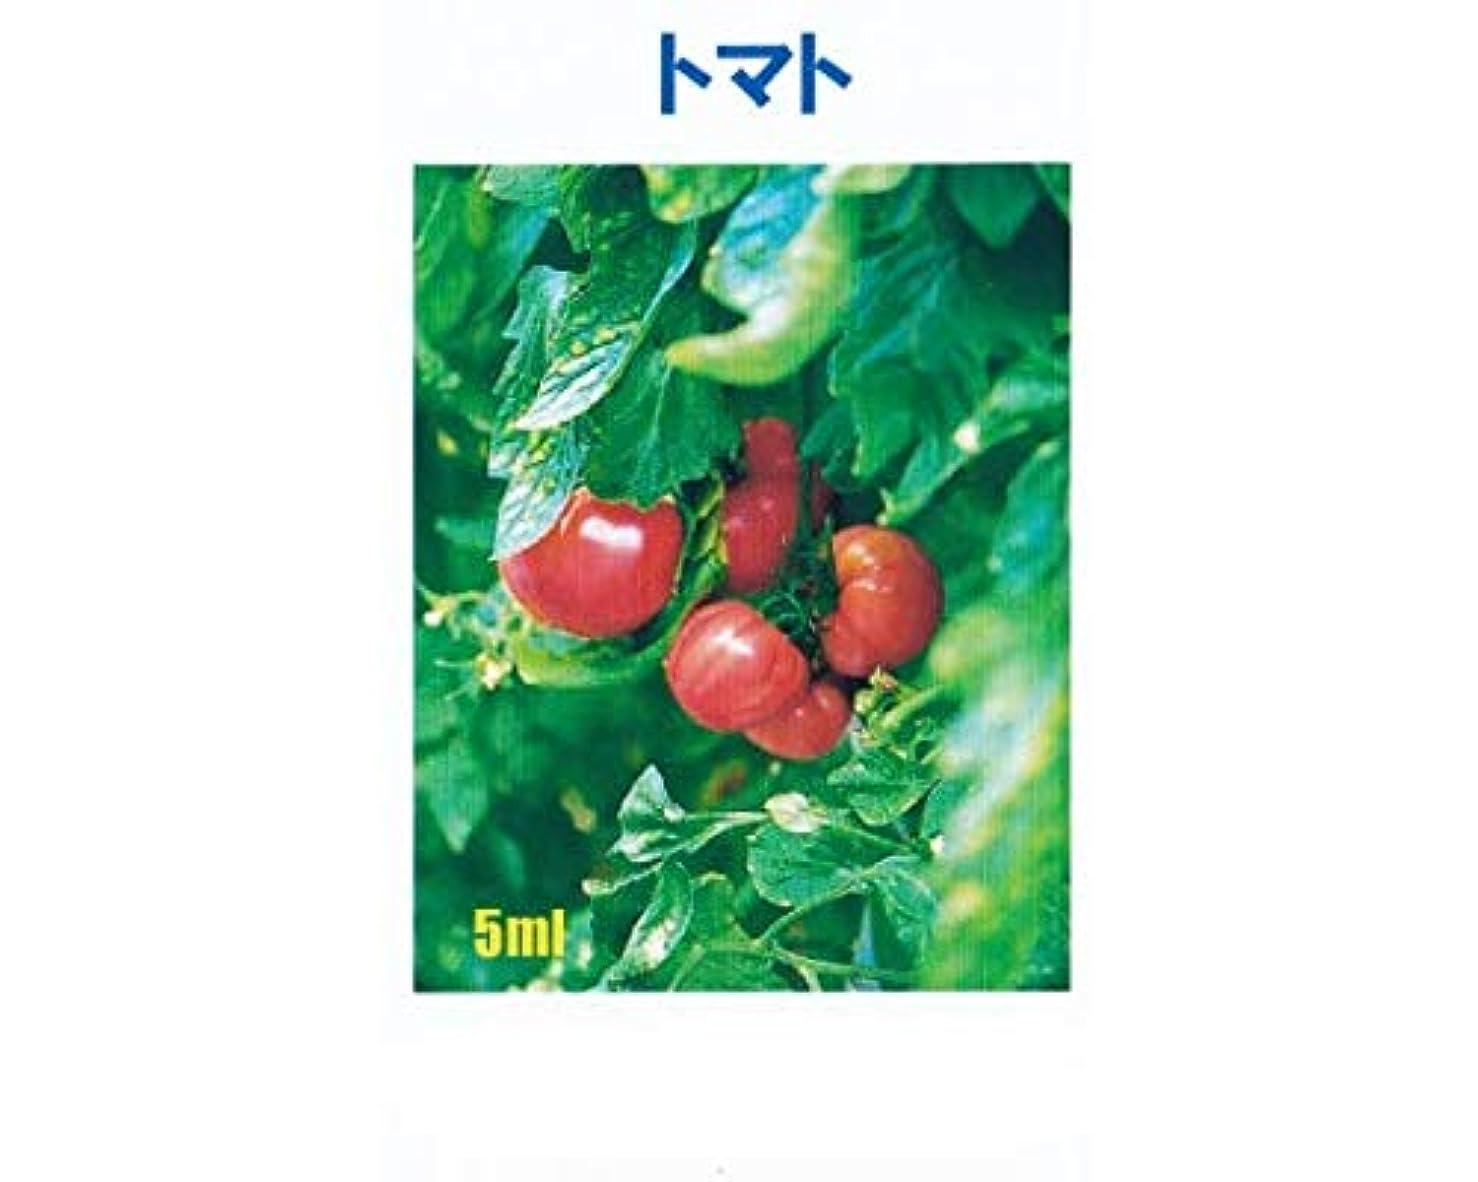 精度フレットカレンダーアロマオイル トマト 5ml エッセンシャルオイル 100%天然成分